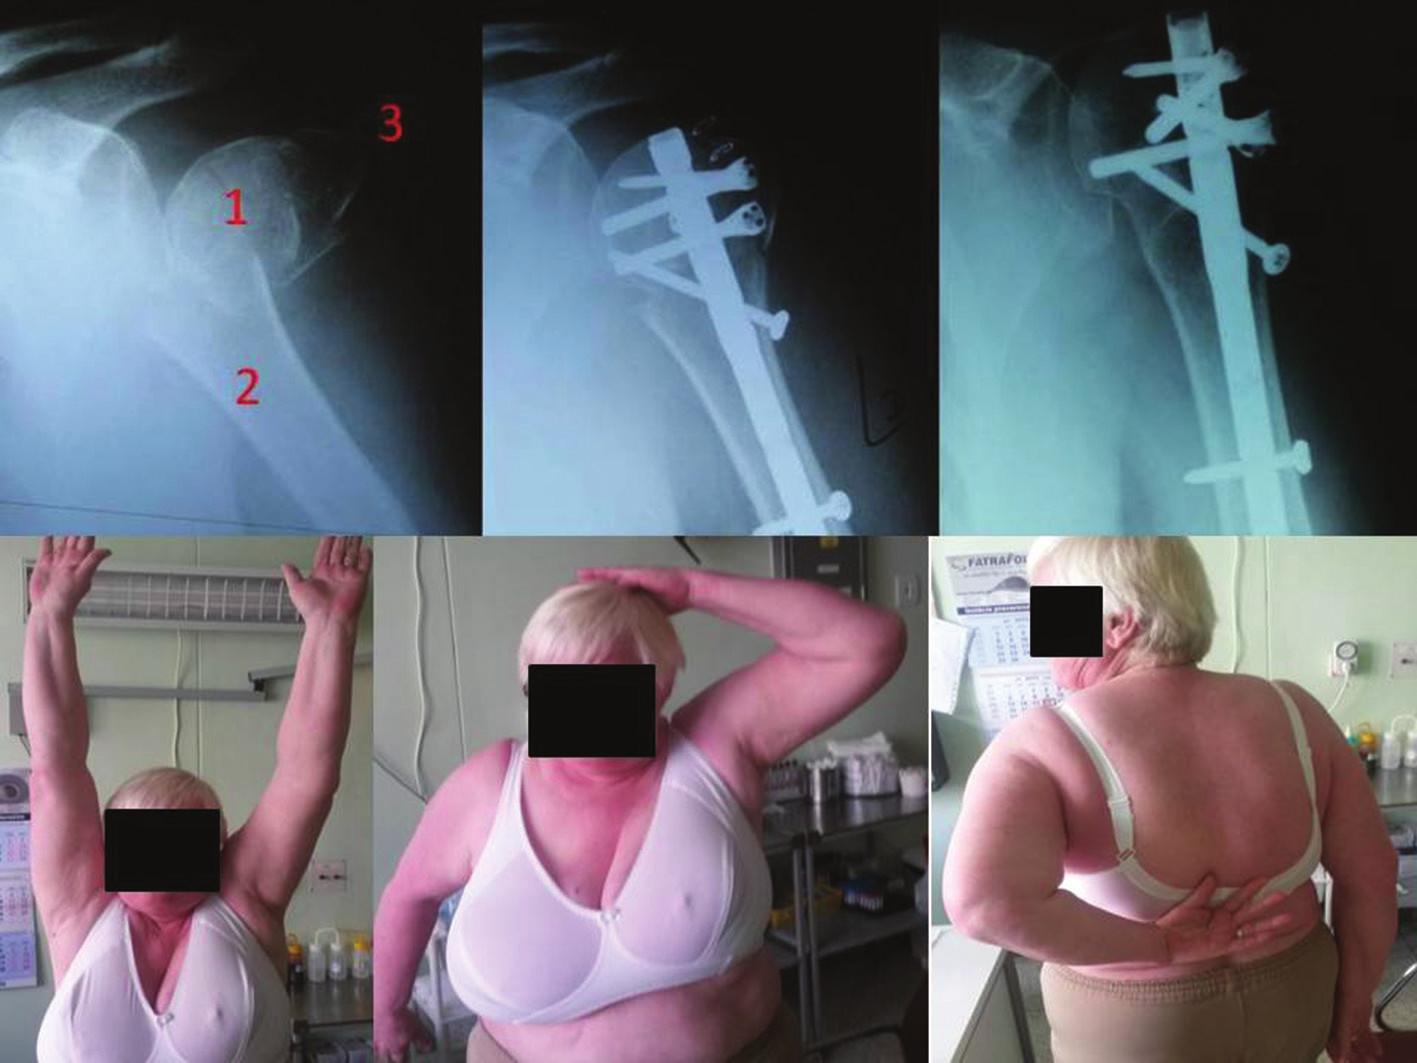 Troj-časťová zlomenina proximálneho humeru typu Neer IV riešená intramedulárne pomocou klinca Multilock (vľavo). Rok po úraze (vpravo) a funkčný výsledok po roku (dole) Fig. 2: Three-part proximal humerus fracture type Neer IV treated using the intermedullary nail (Multilock) (left). One year from injury (right); and functional result after one year (down).